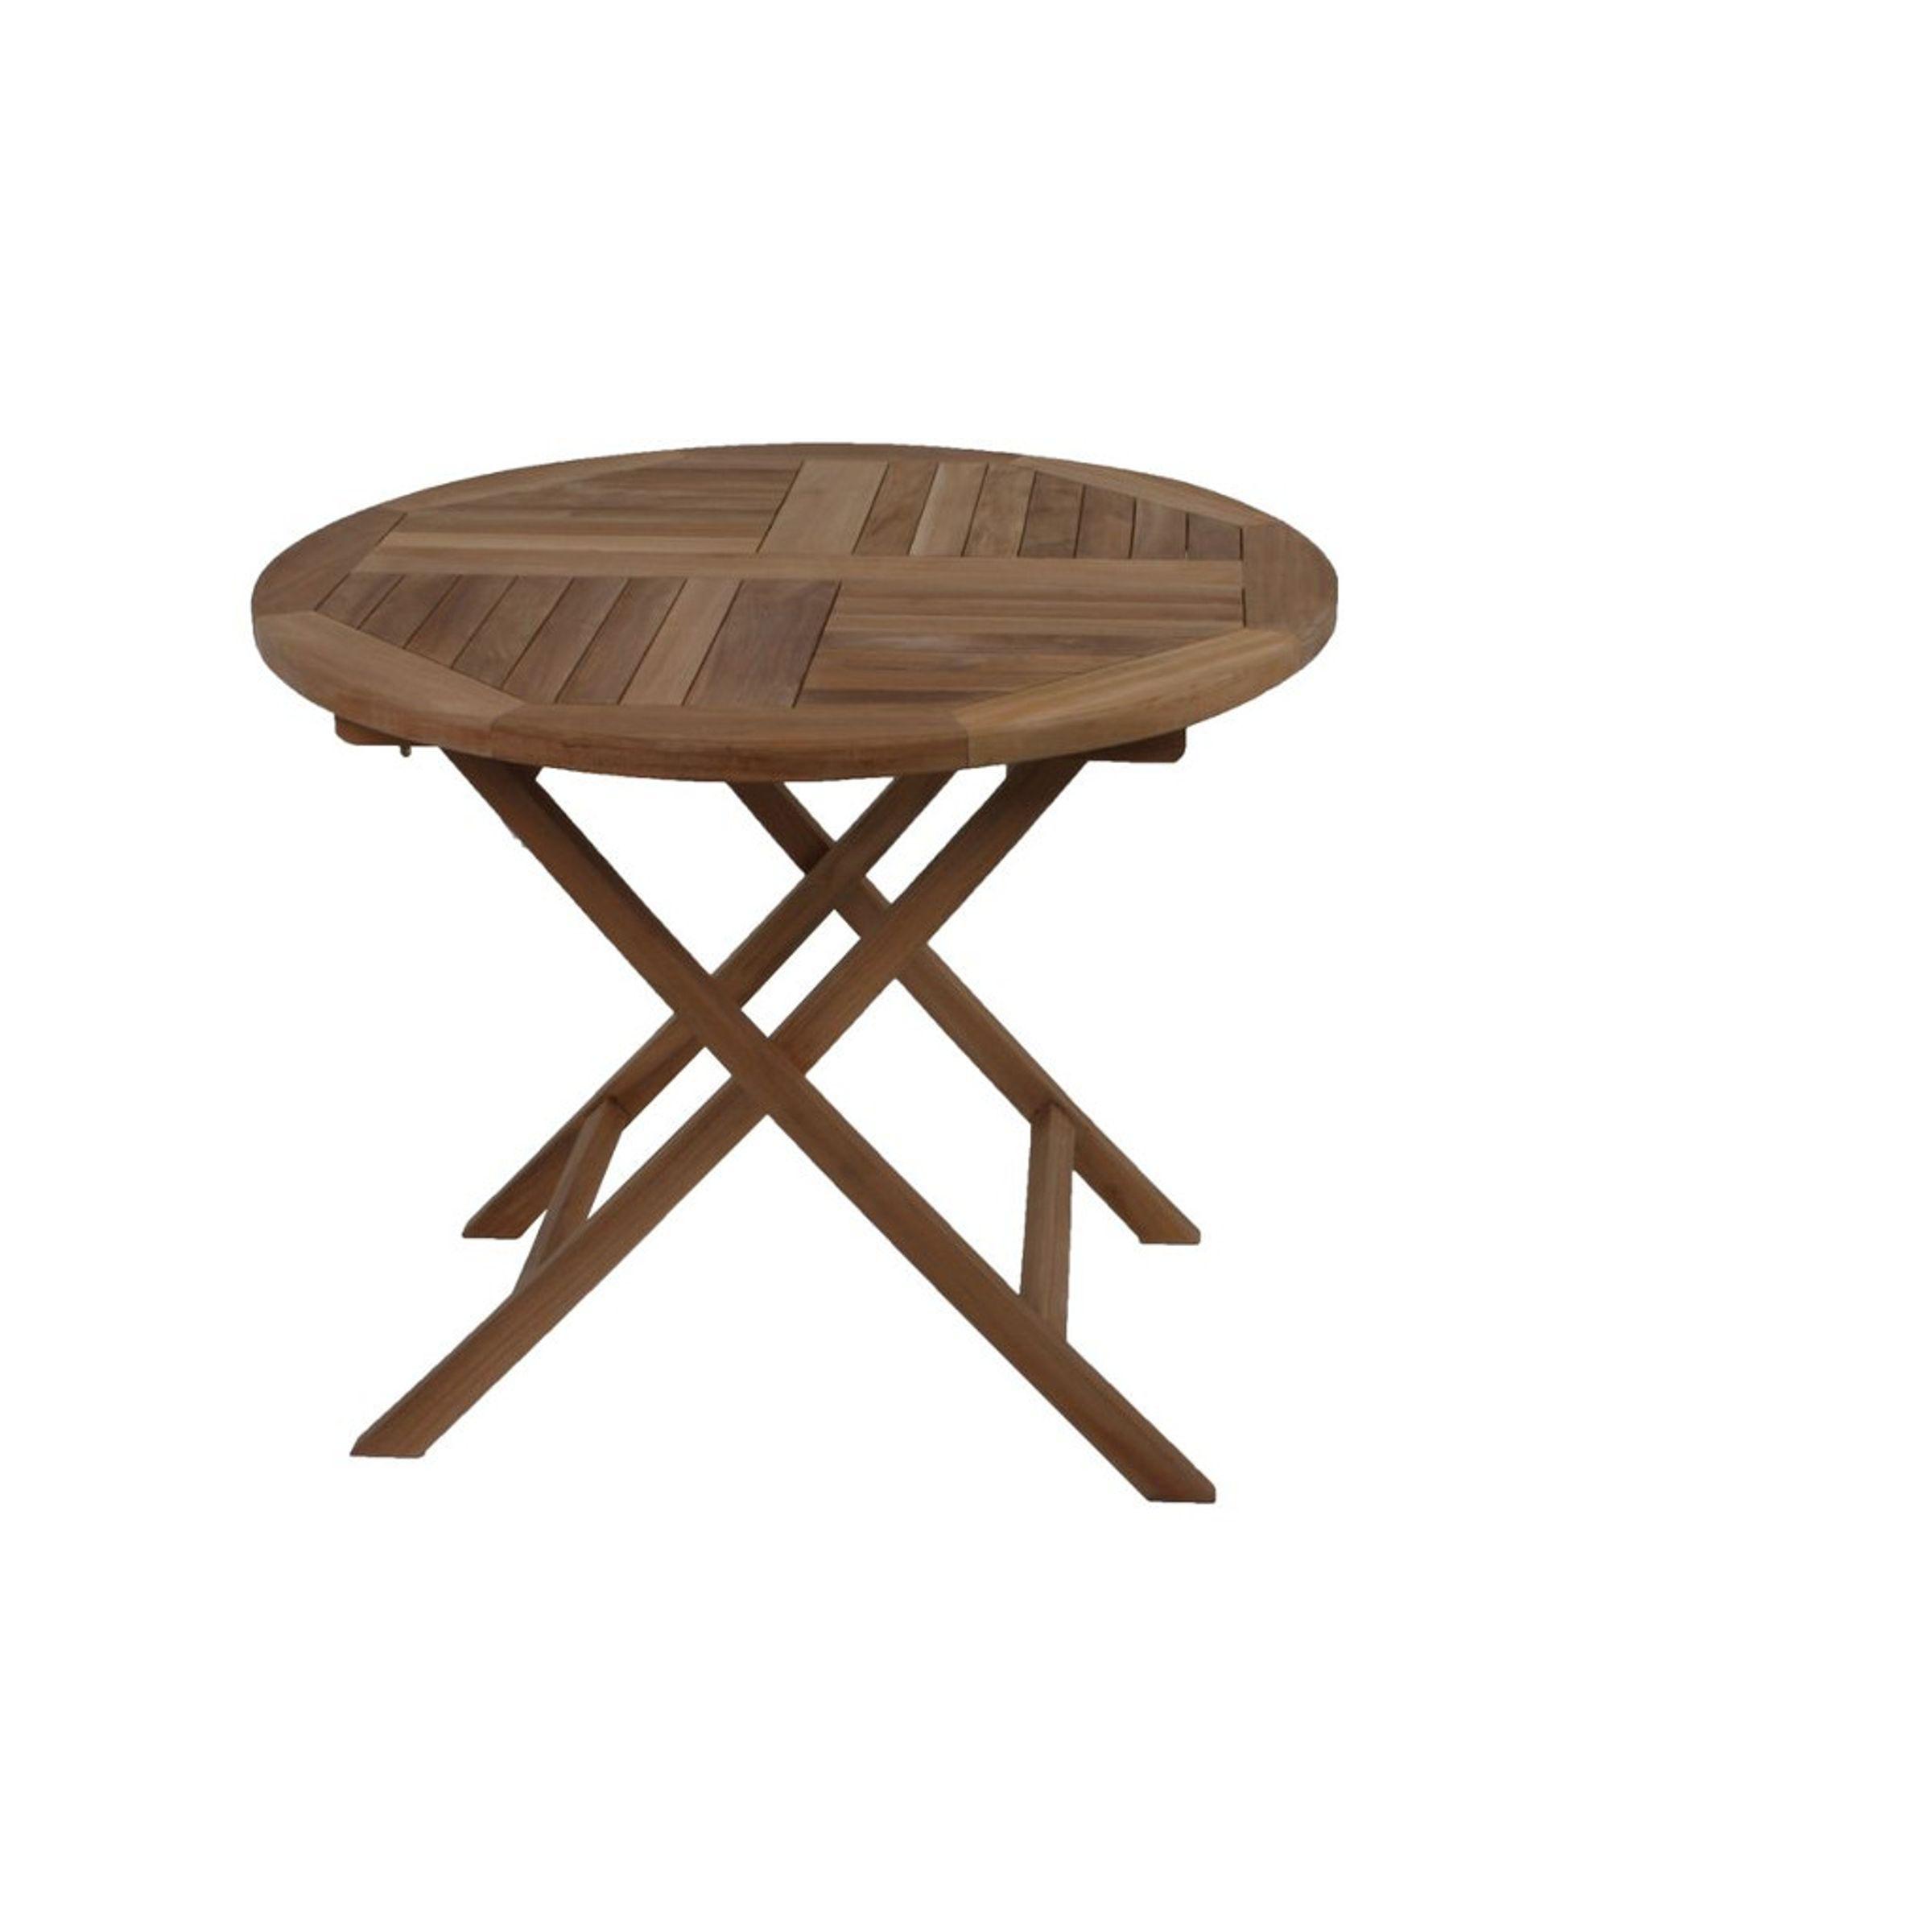 Teak Tisch Rund Holztisch Beistelltisch Couchtisch Wohnzimmertisch